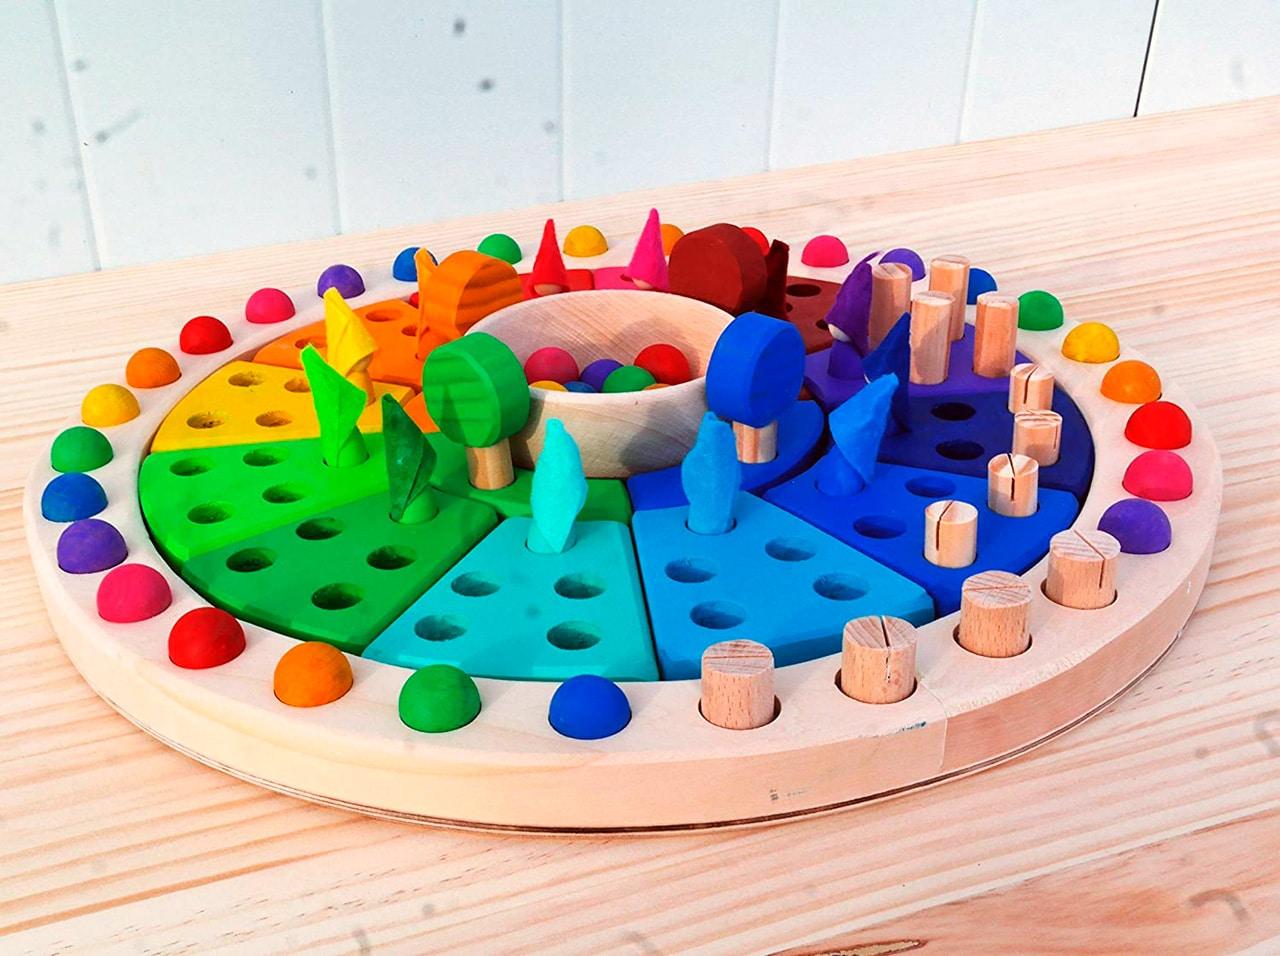 Calendario Waldorf – Montessori para los más pequeños de casa